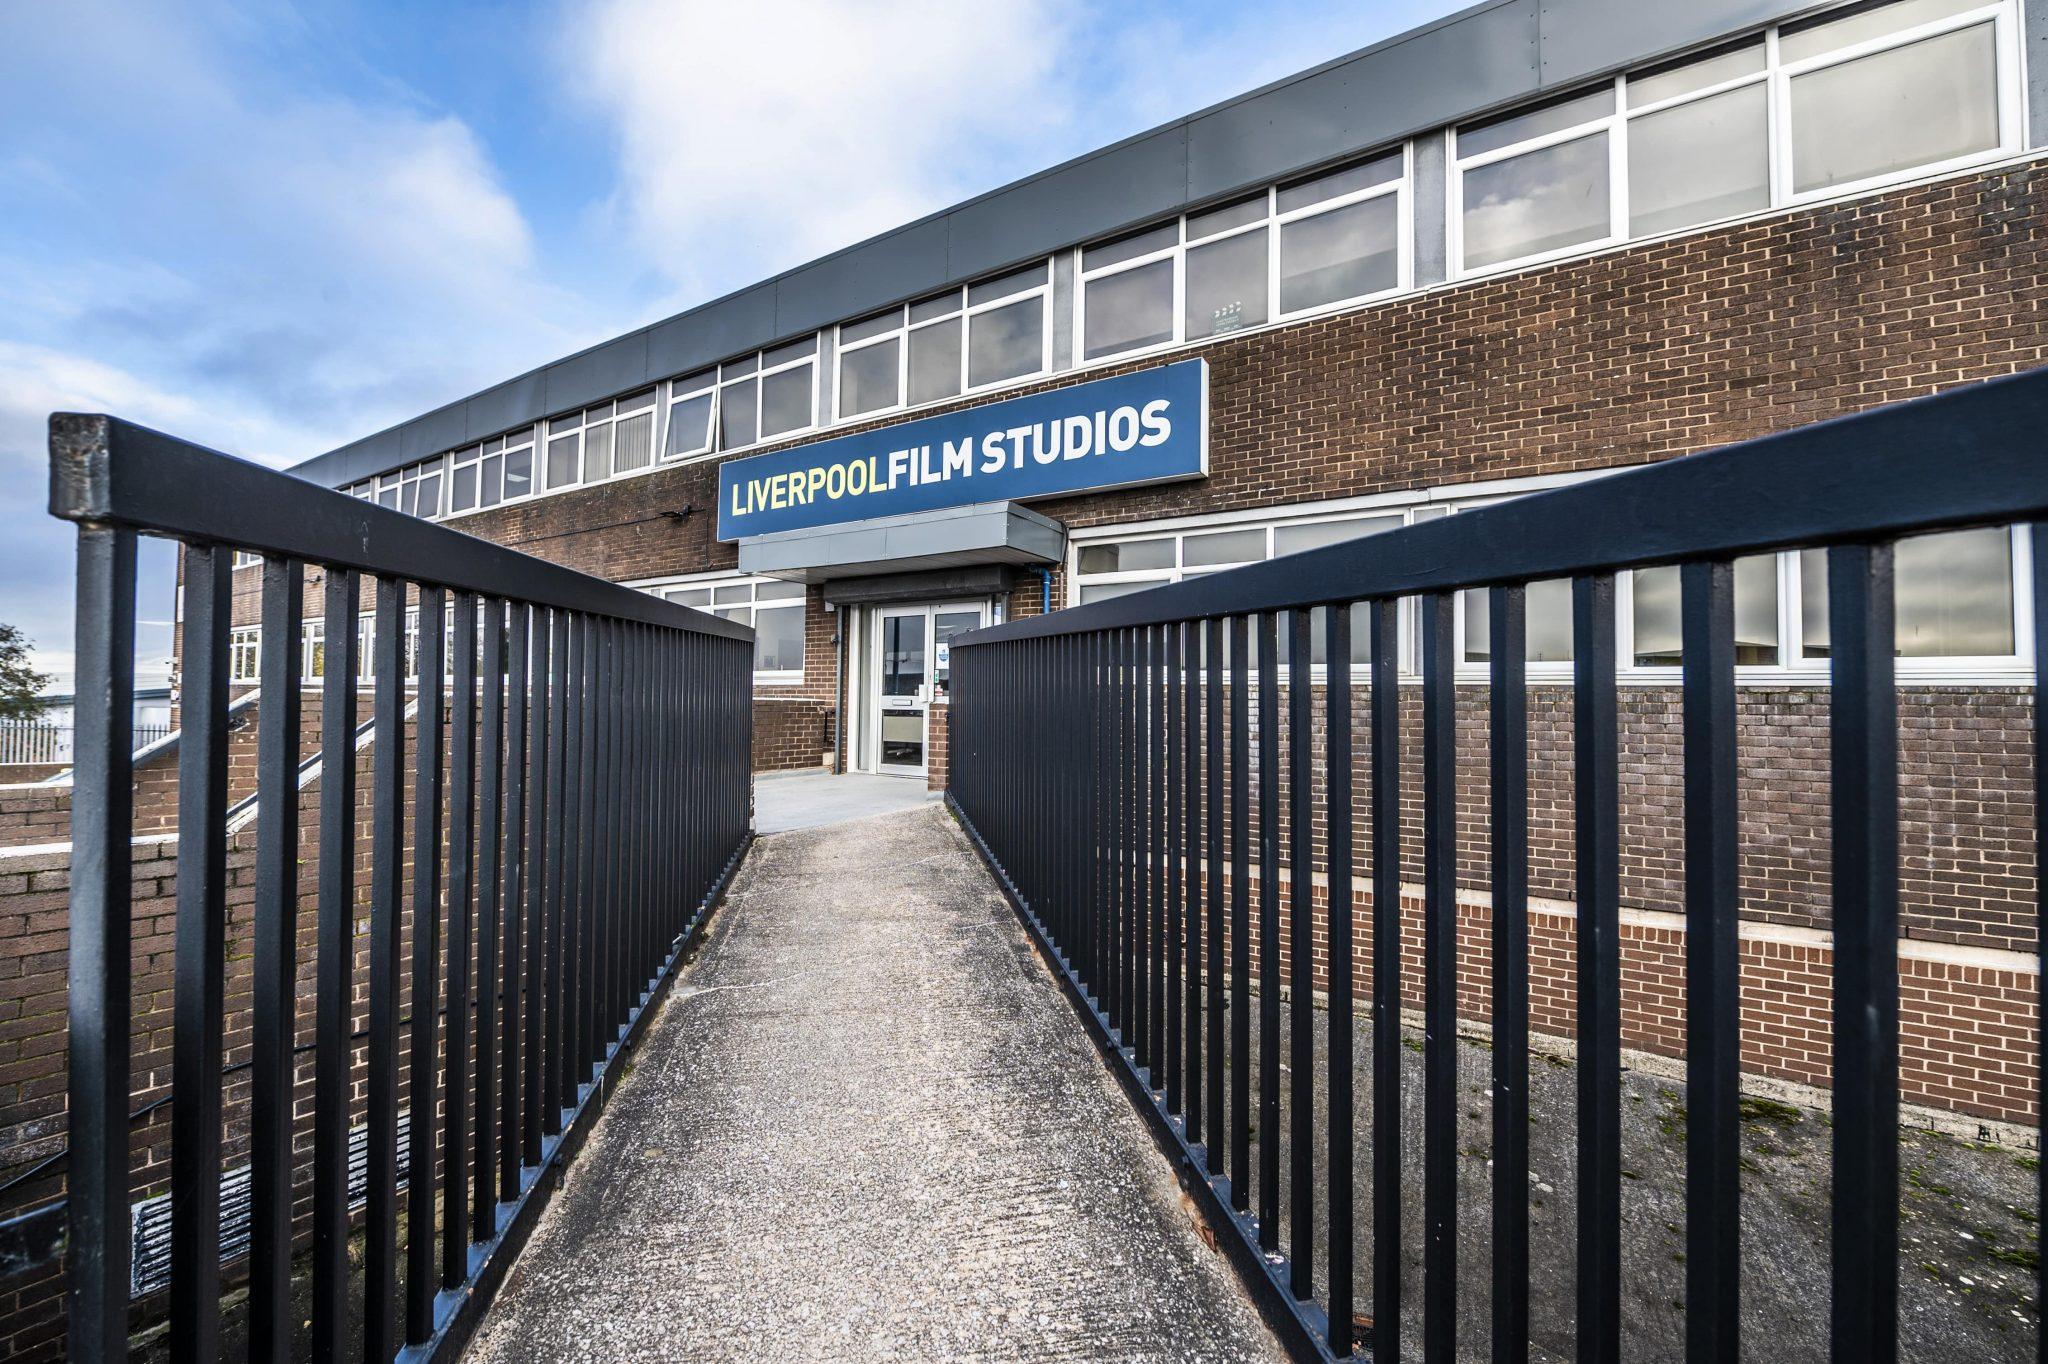 The Film Studios